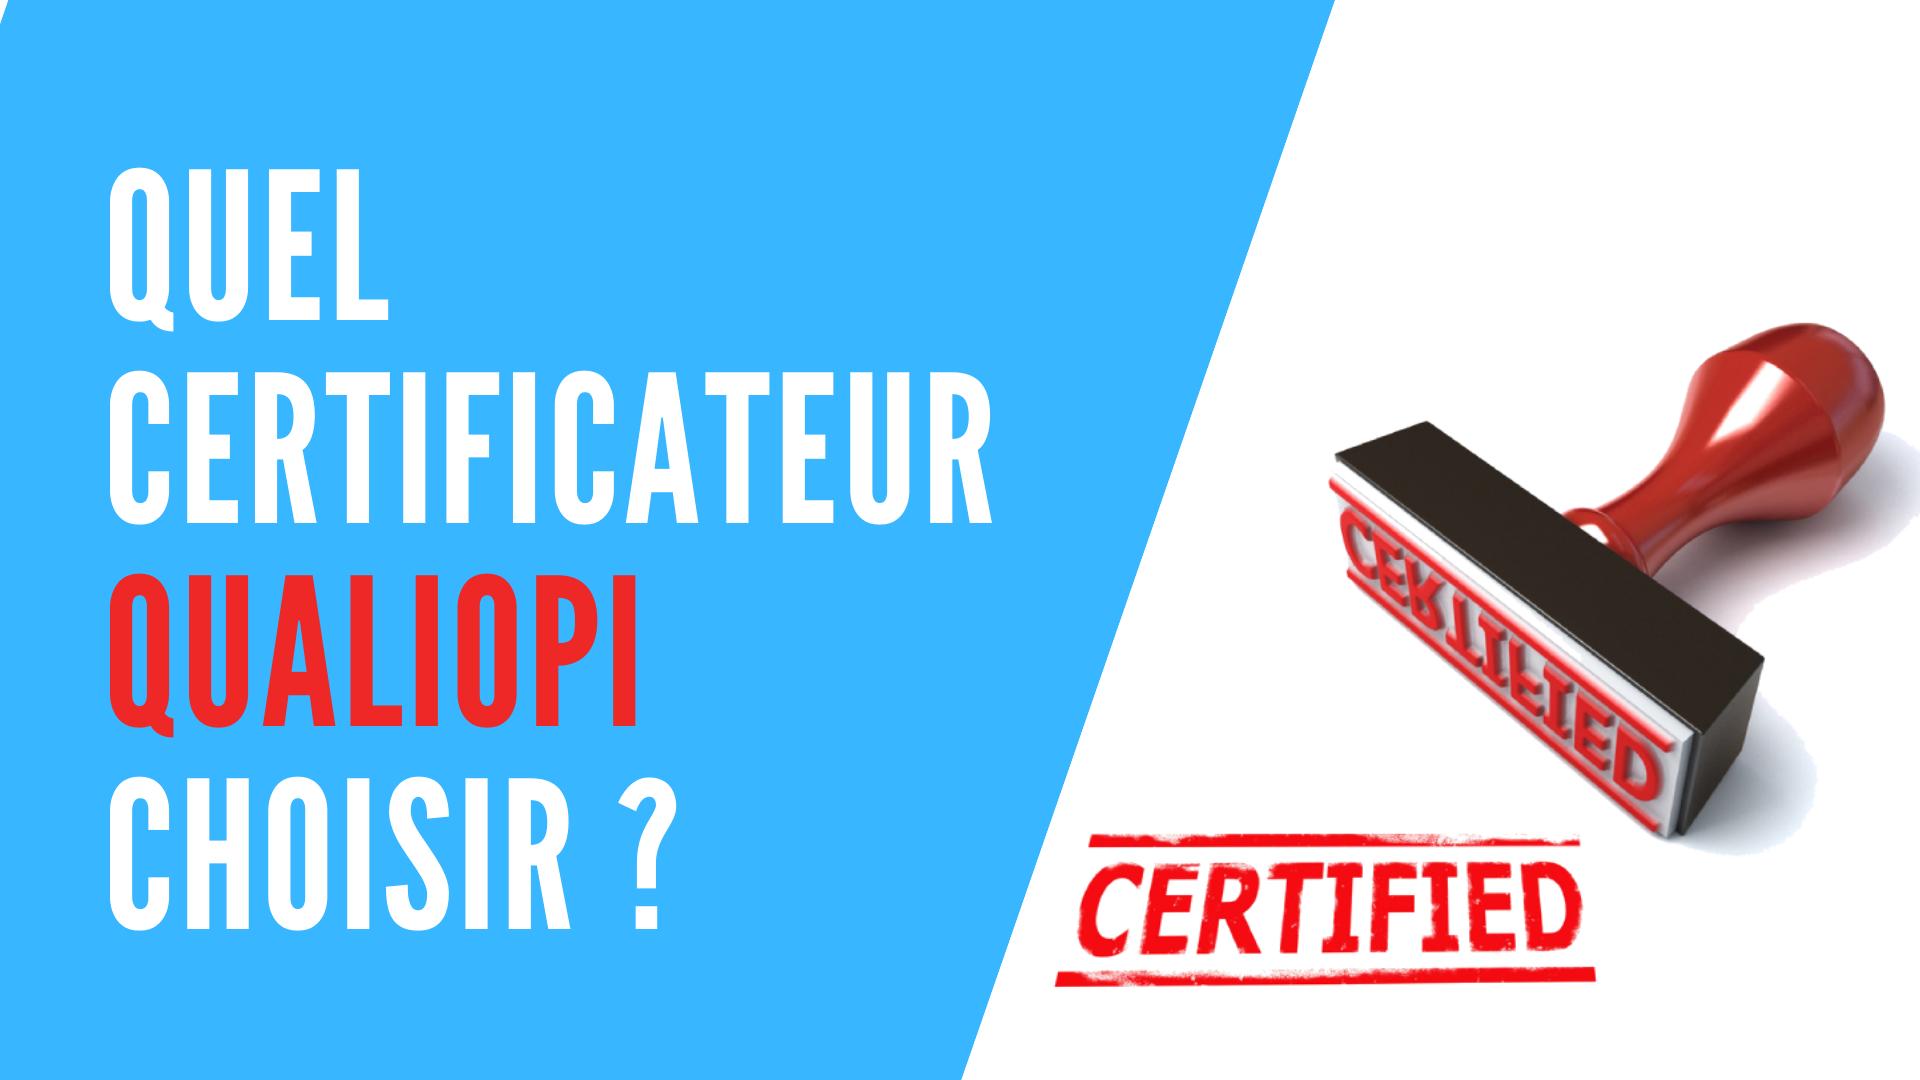 Quel certificateur Qualiopi choisir ? Classement des meilleurs certificateurs